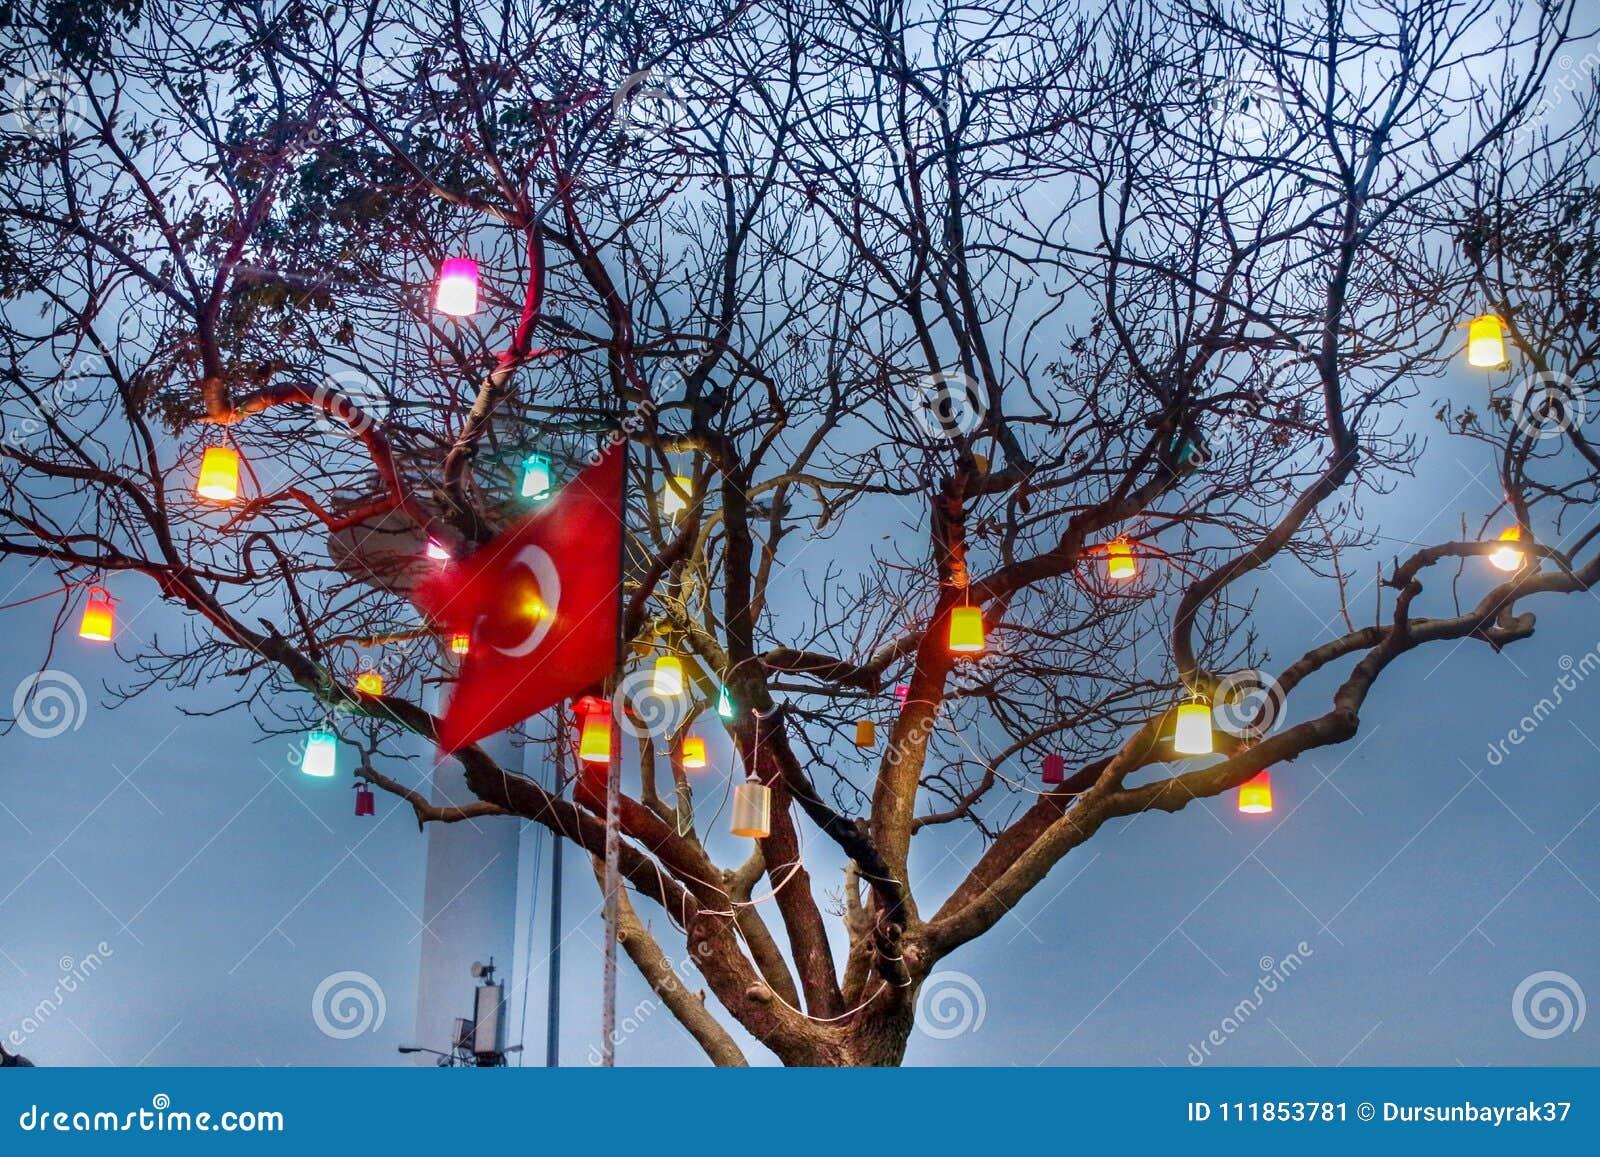 Turkish Flag & Tree Lights Uskudar Istanbul